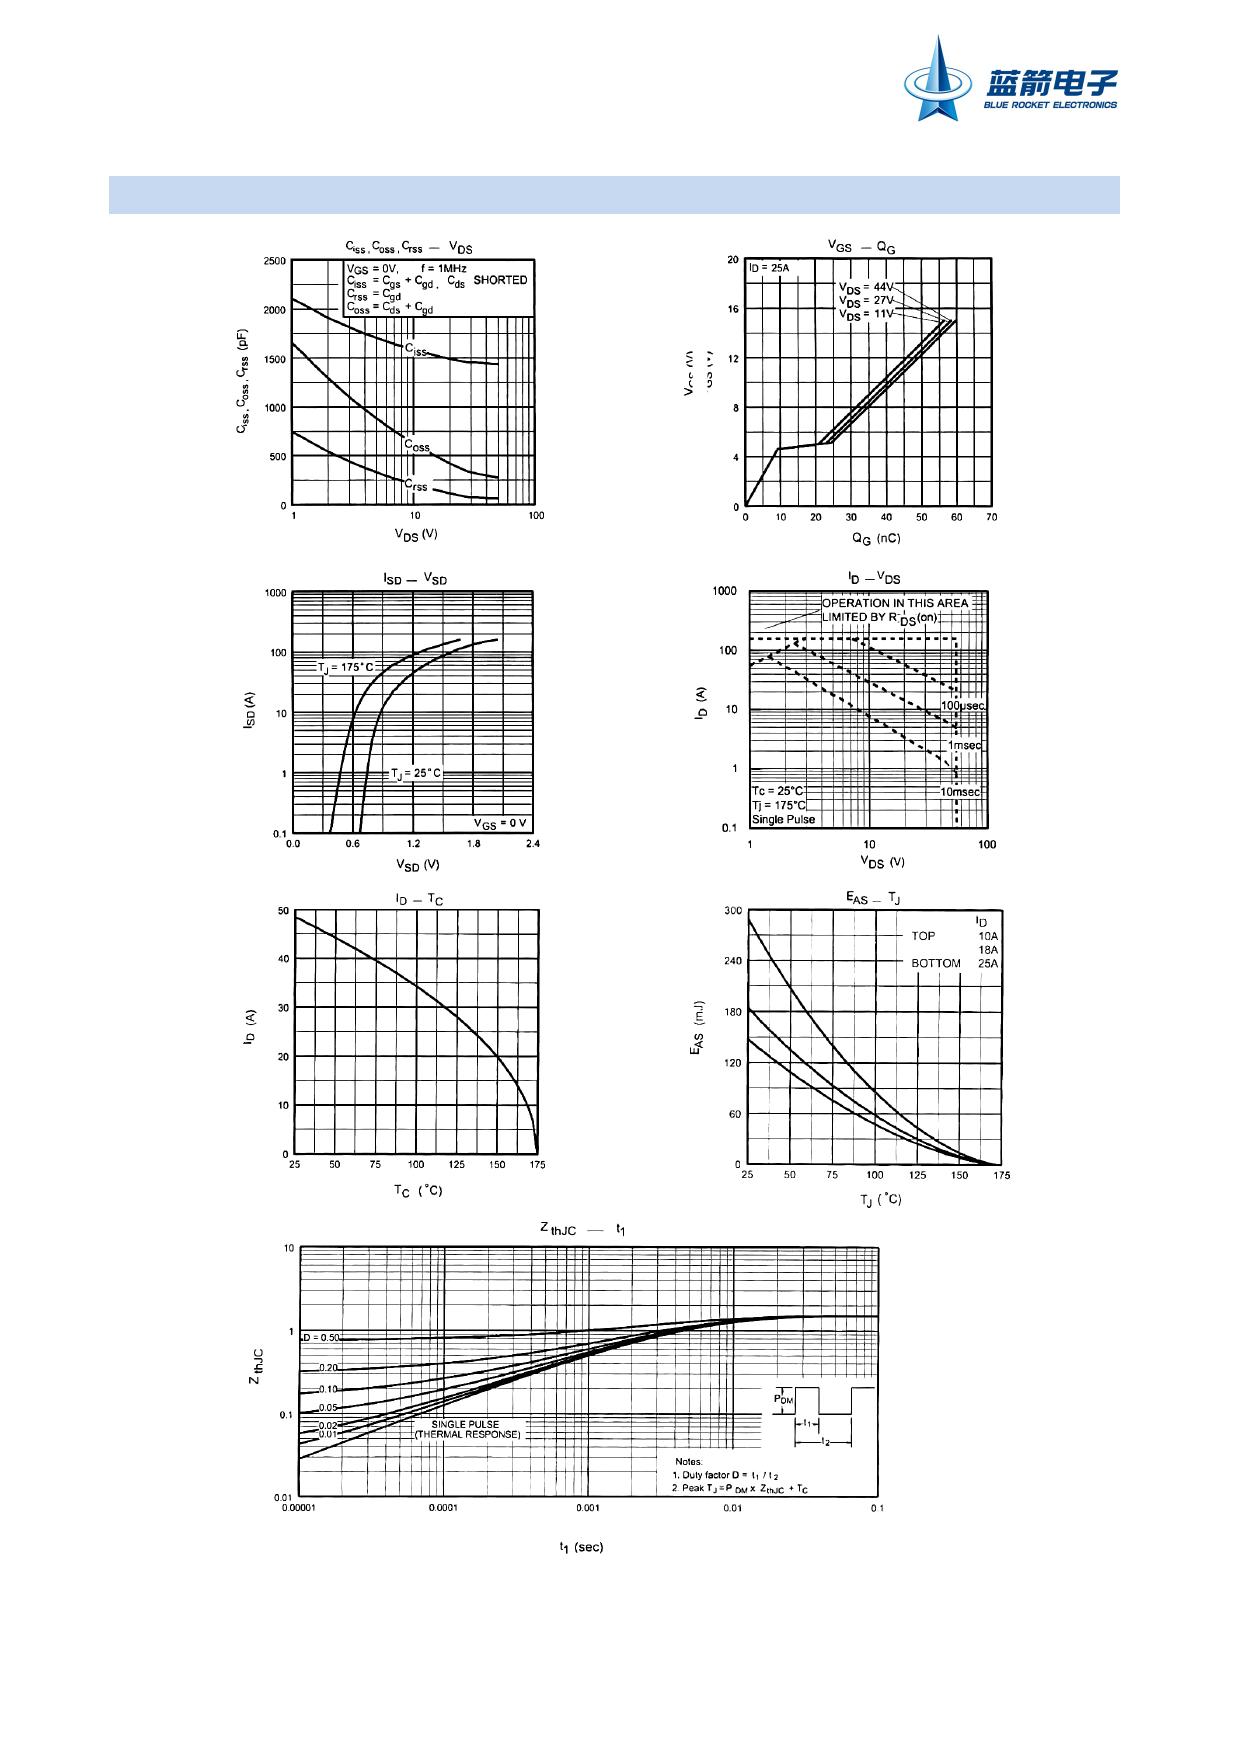 IRFZ44 pdf, ピン配列